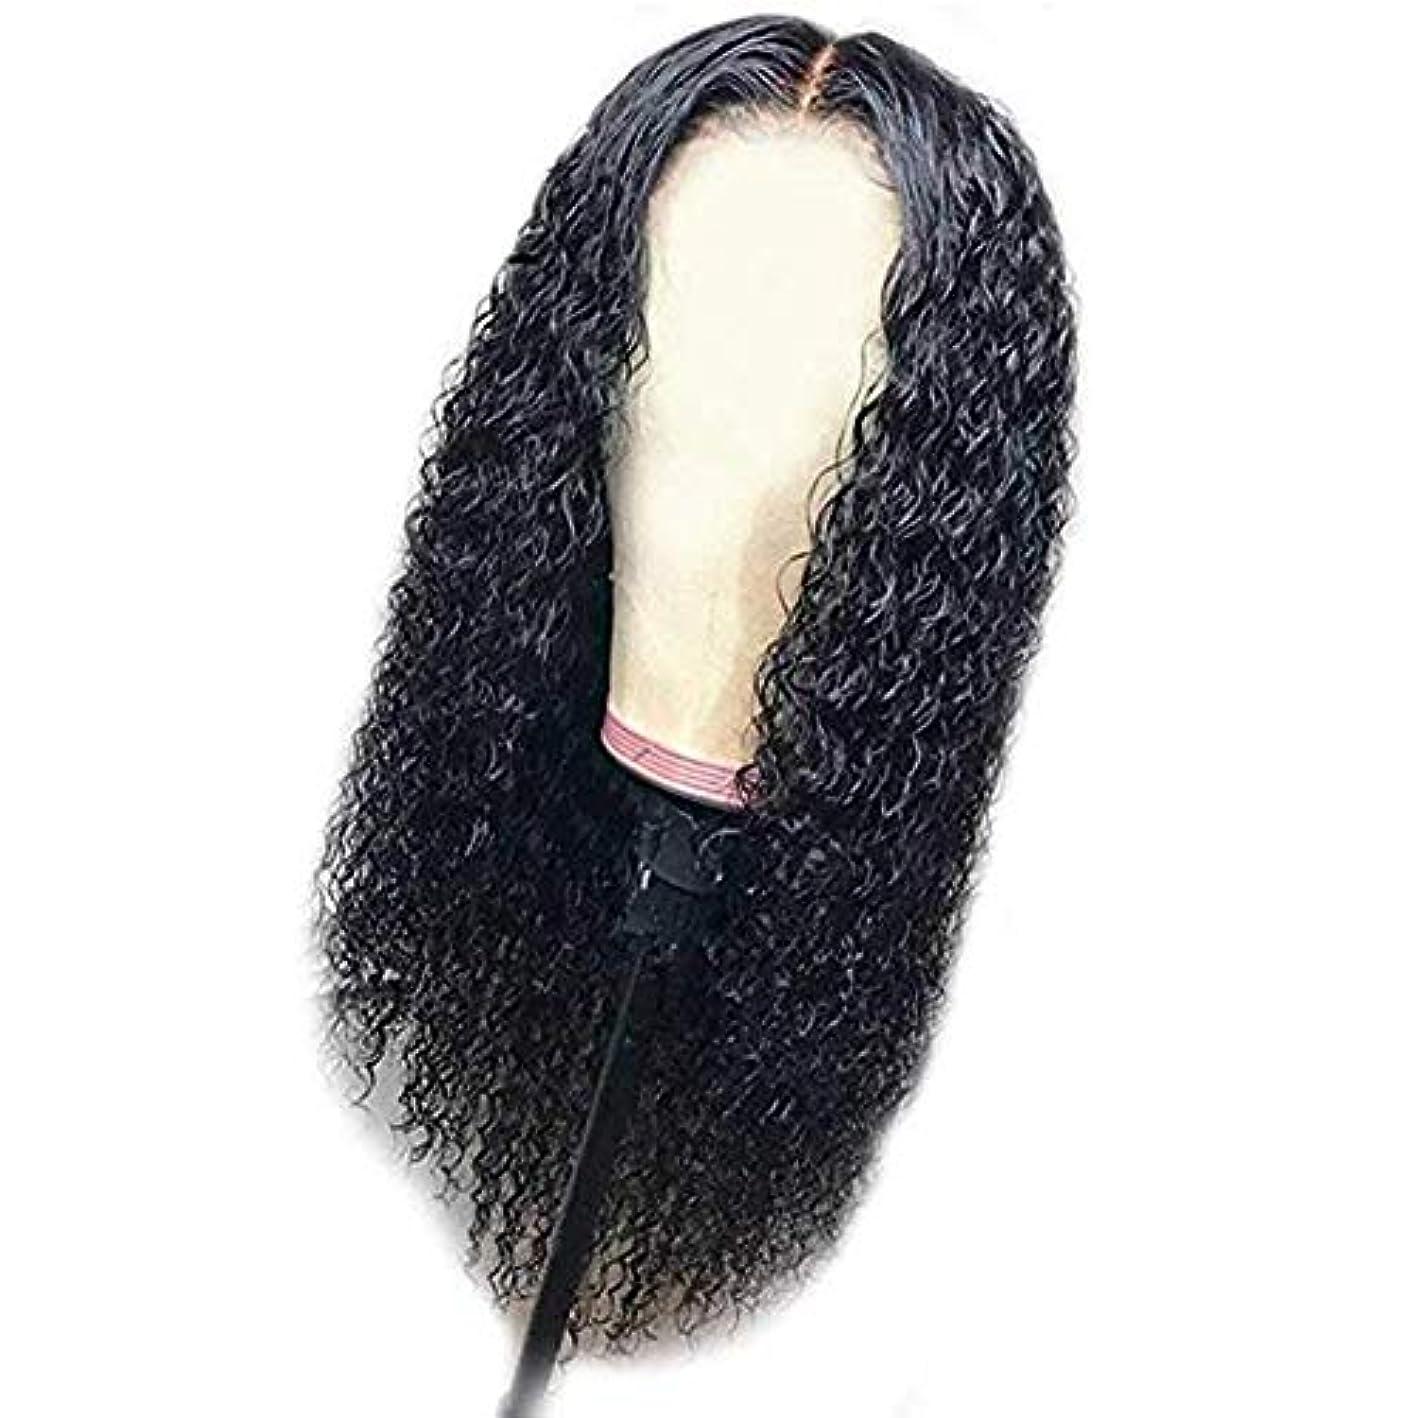 音節に対応写真を撮る女性ブラジルかつらレースカーリー合成かつら赤ん坊の毛高品質かつら耐熱ファイバーローズ髪24インチ